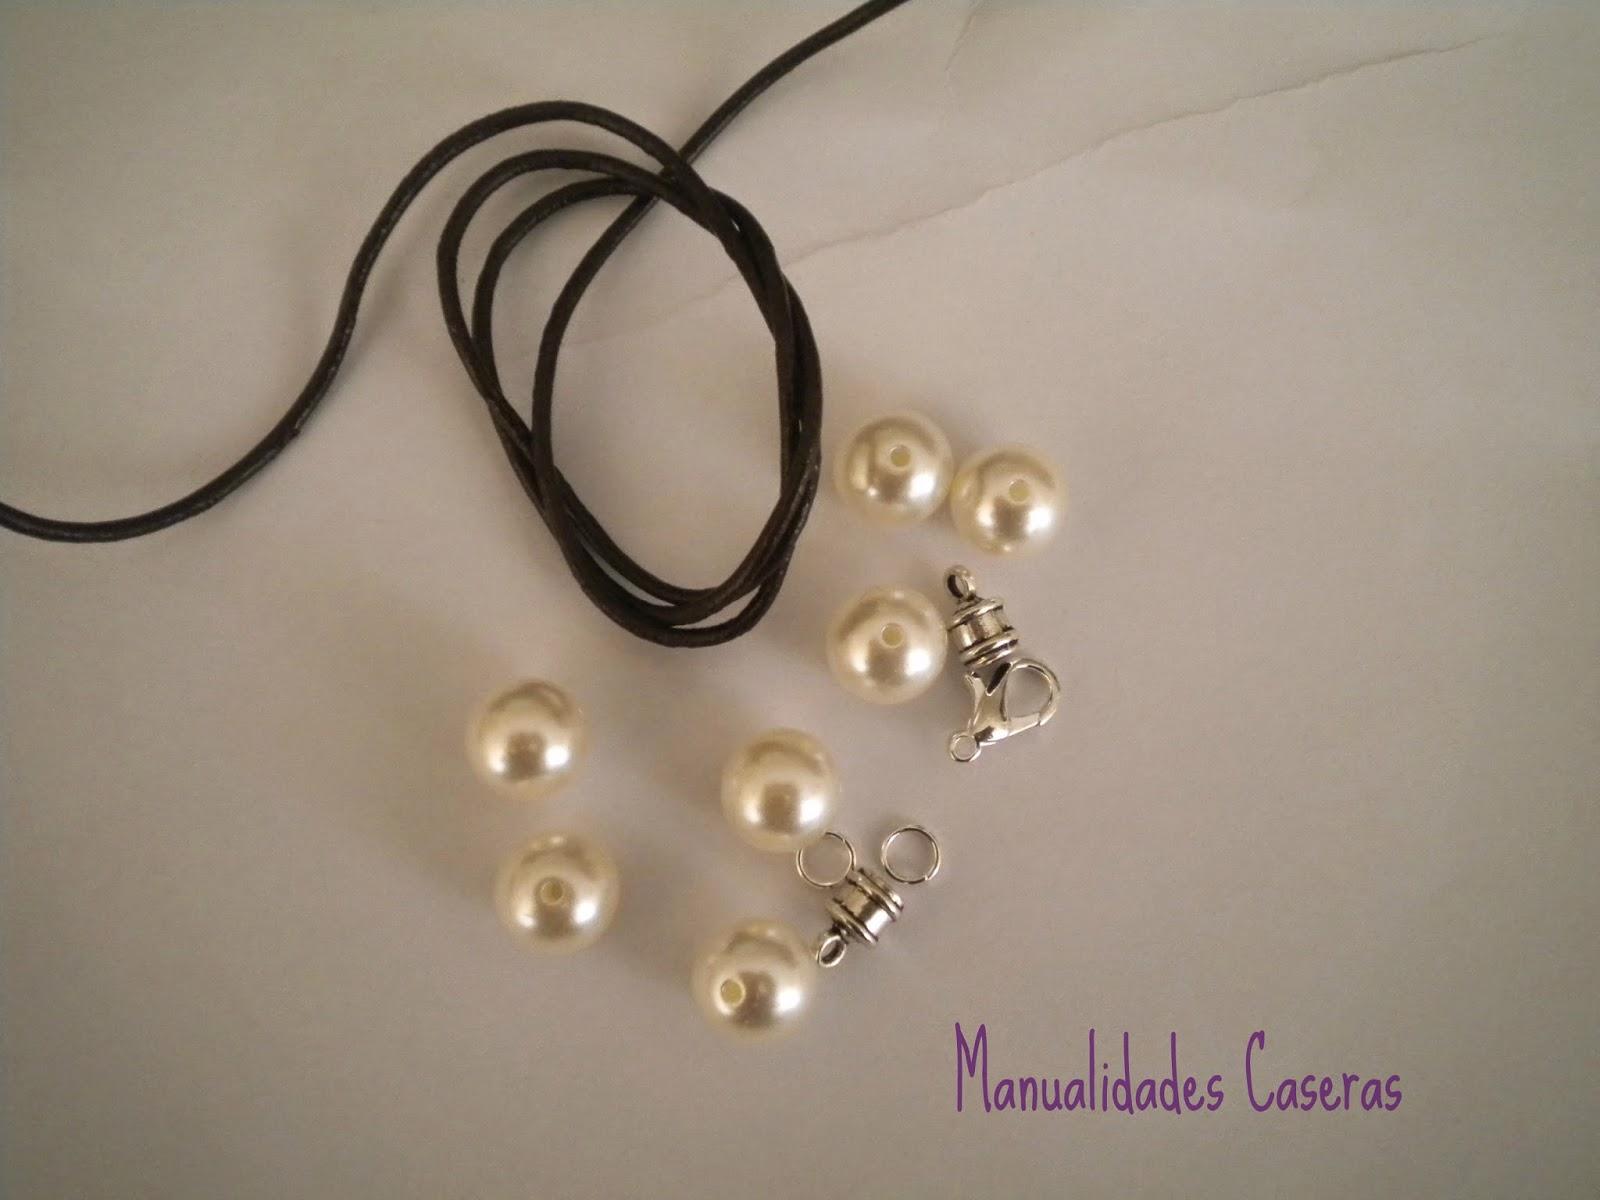 Pulsera de cuero y perlas Manualidades Caseras Inma